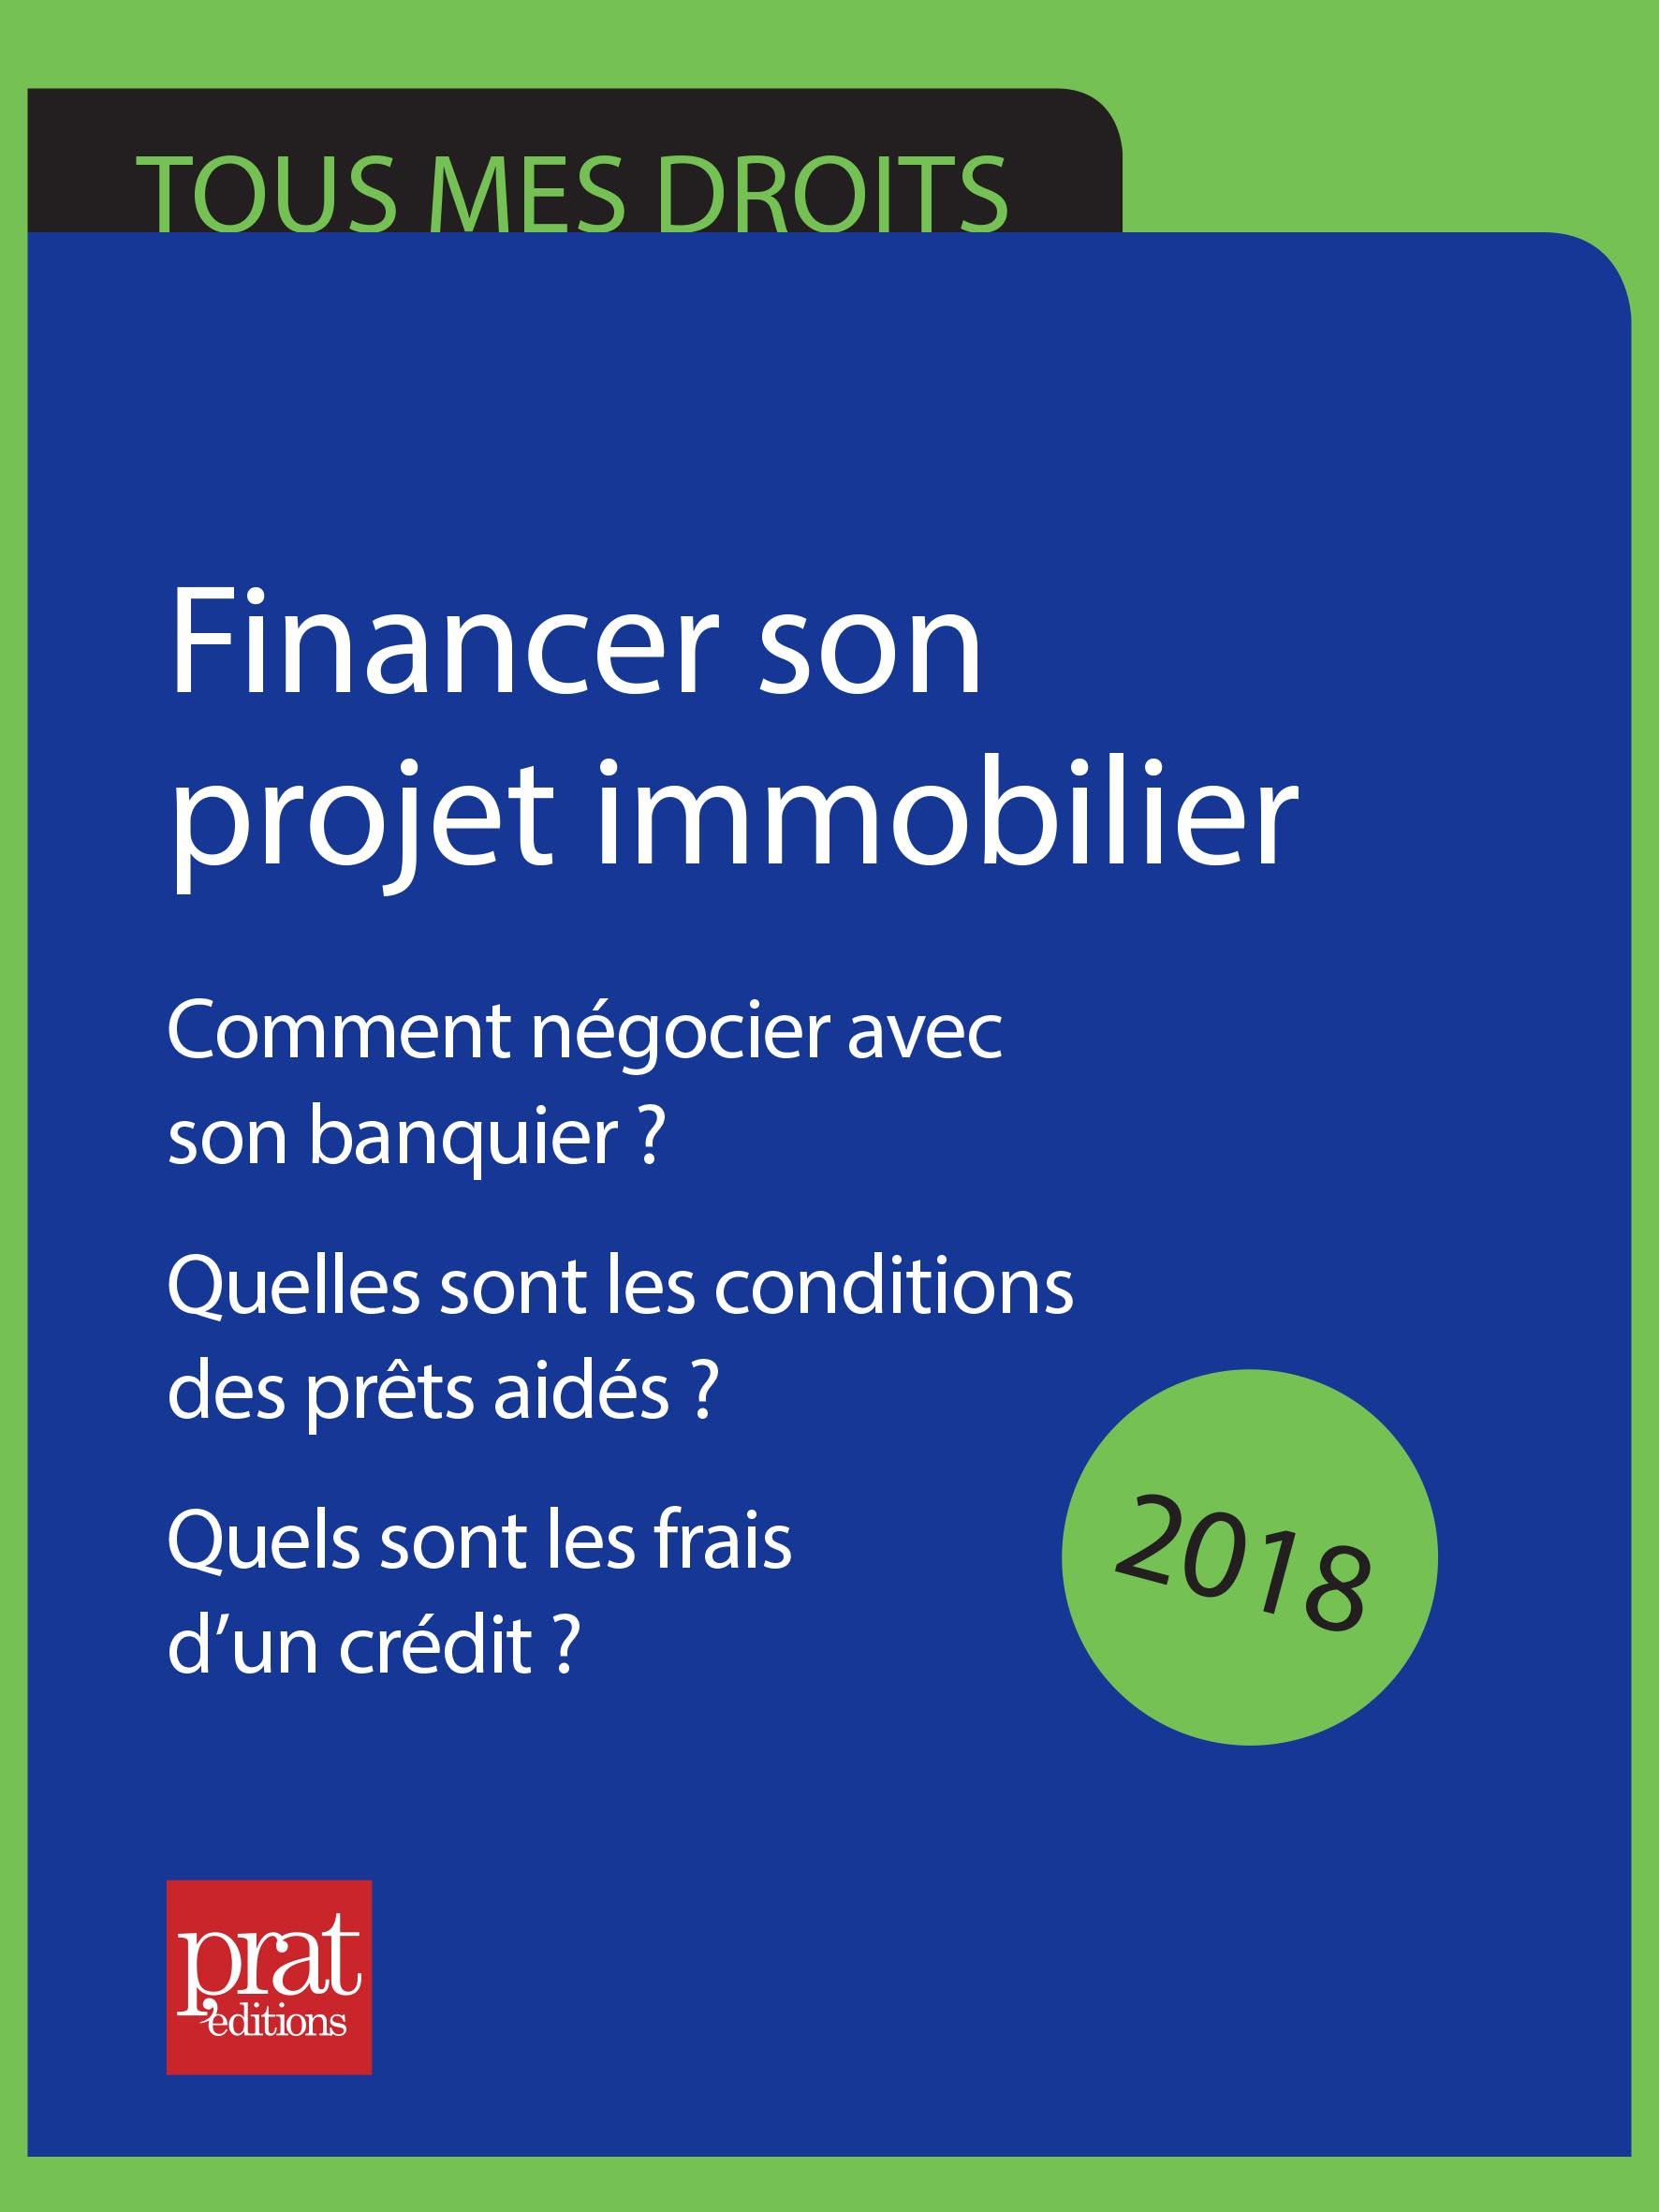 Financer son projet immobilier 2018